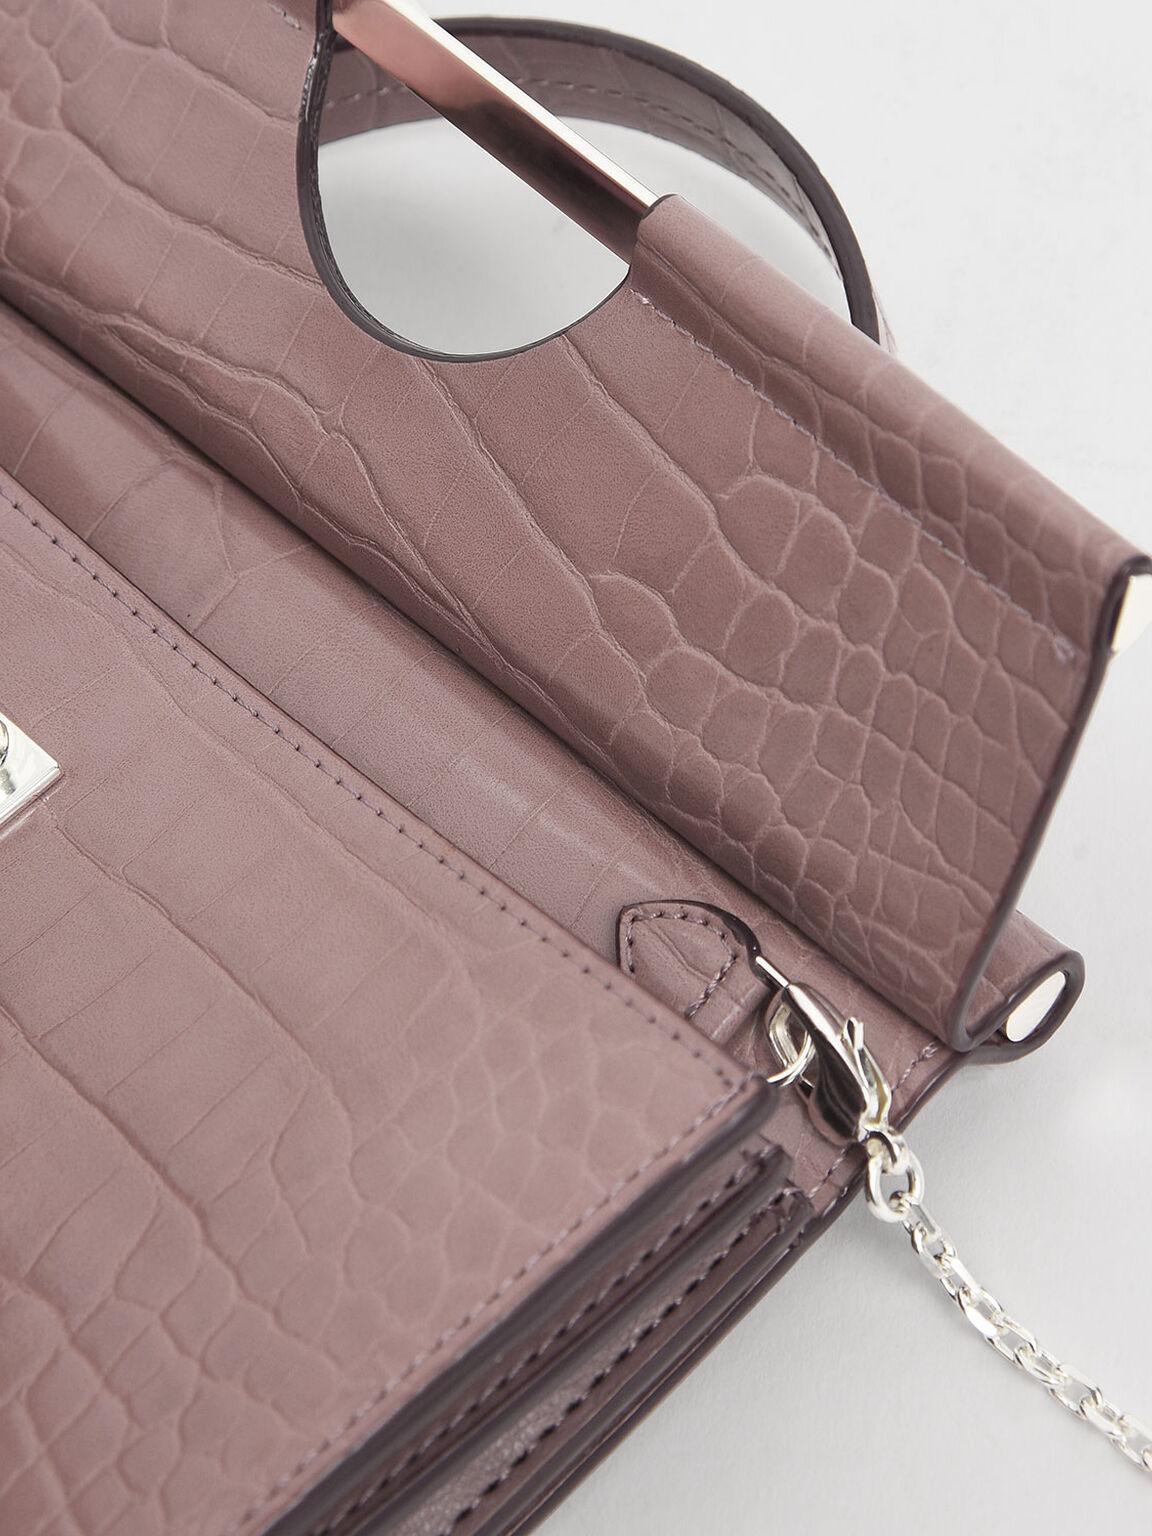 Croc-Effect Single Top Handle Wallet, Mauve, hi-res